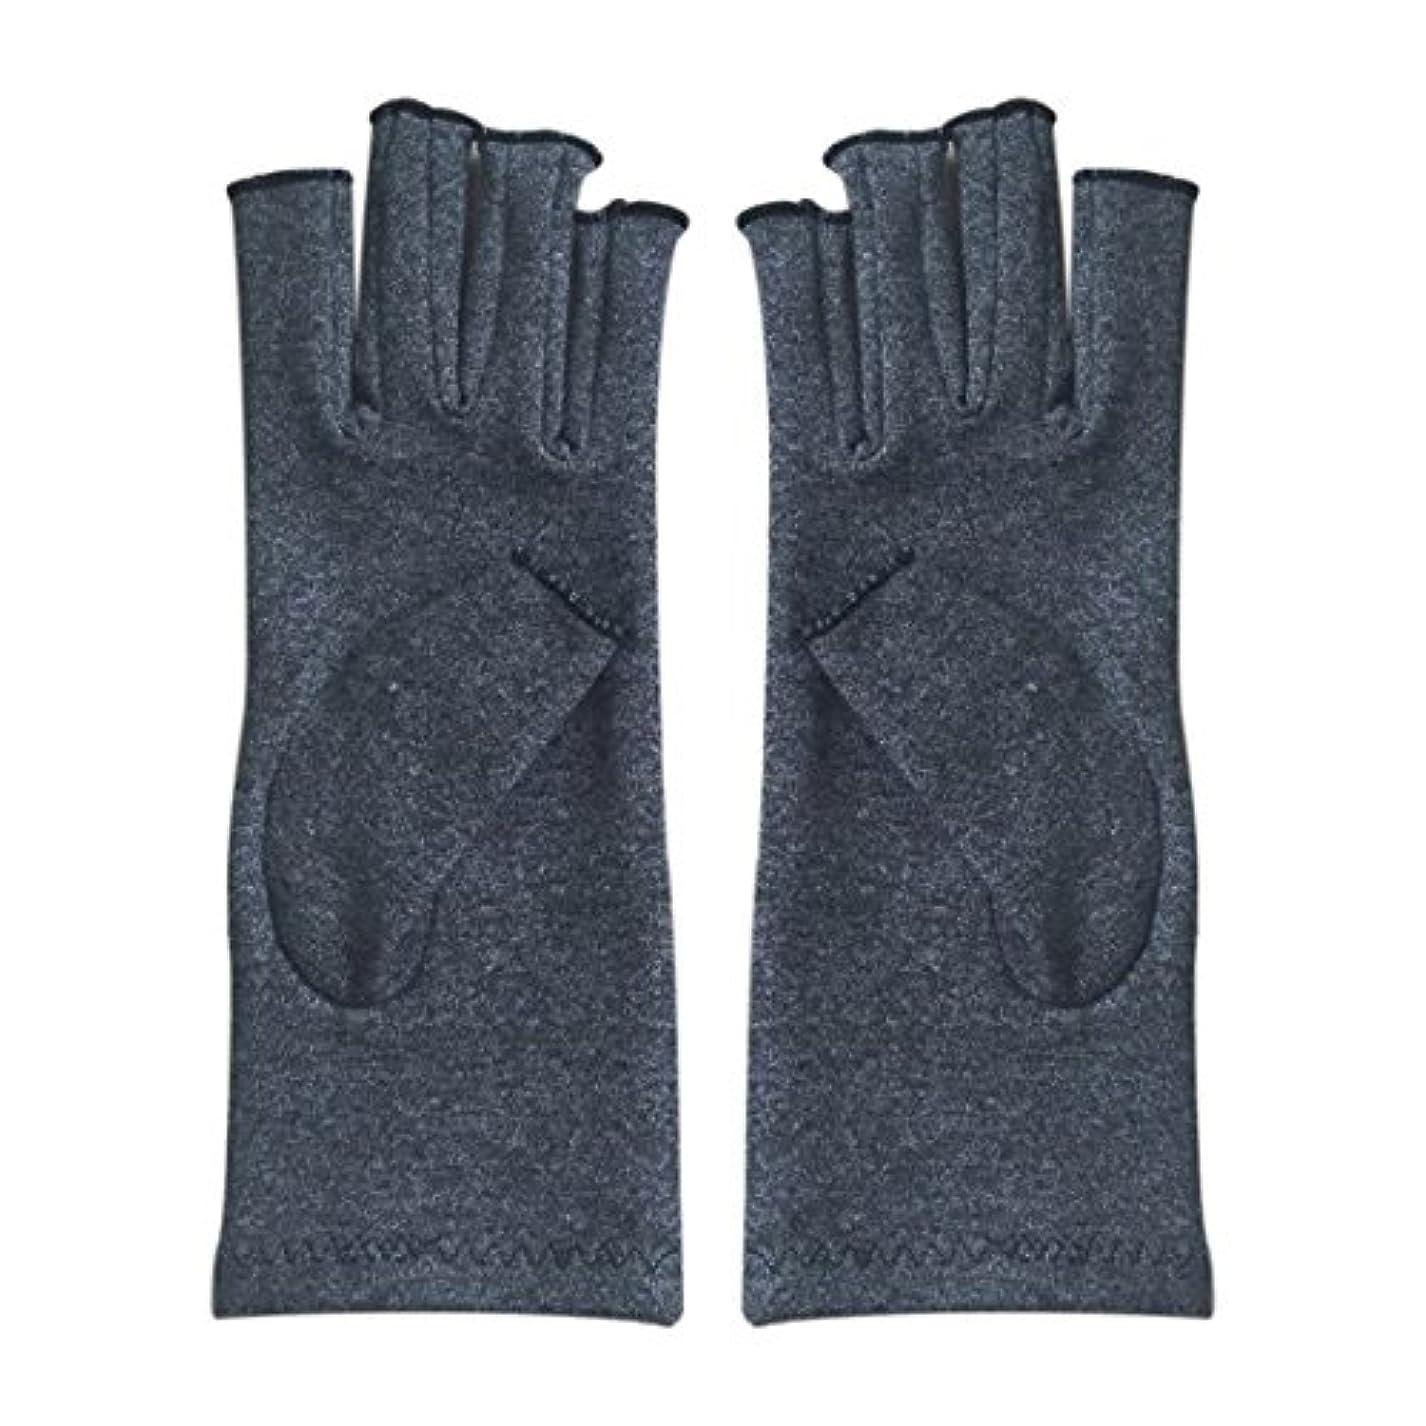 クラス推定権威Cikuso 1ペア成人男性女性用弾性コットンコンプレッション手袋手関節炎関節痛鎮痛軽減S -灰色、S